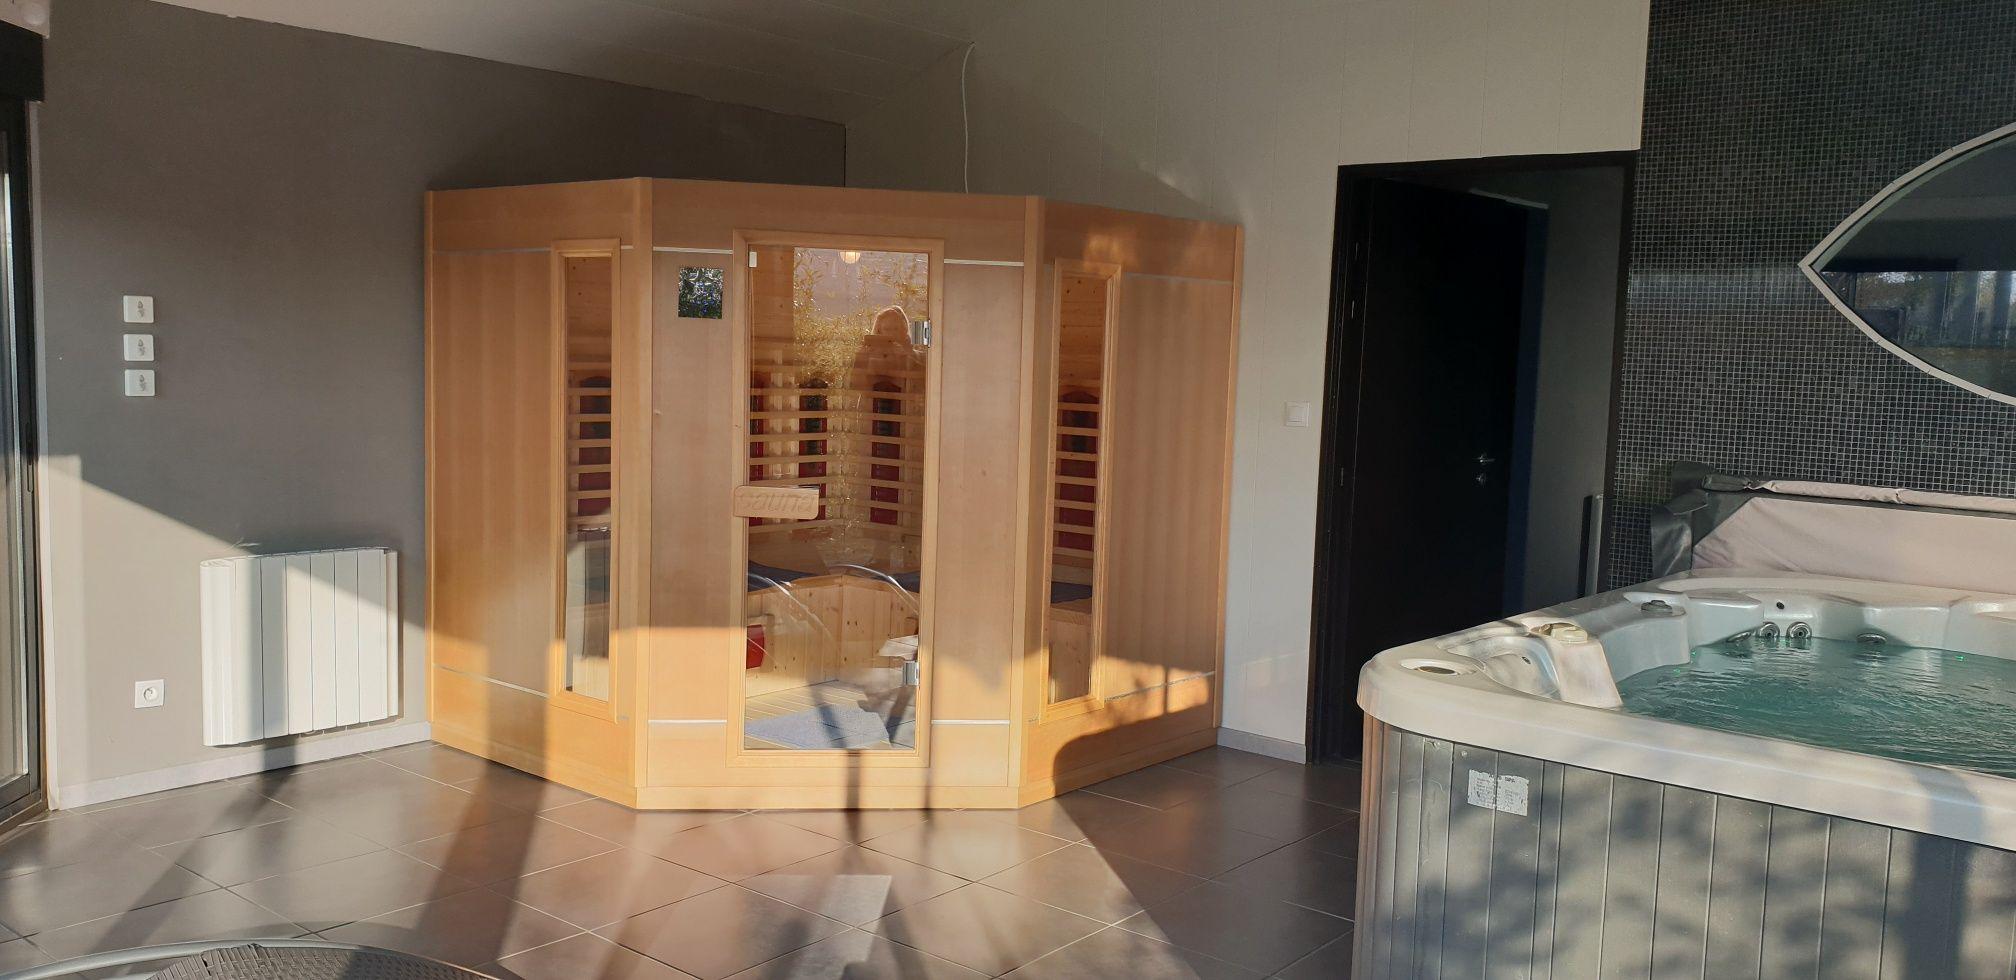 chambre-jacuzzi-privatif-lille-nord-pas-de-calais-jacuzzi-sauna